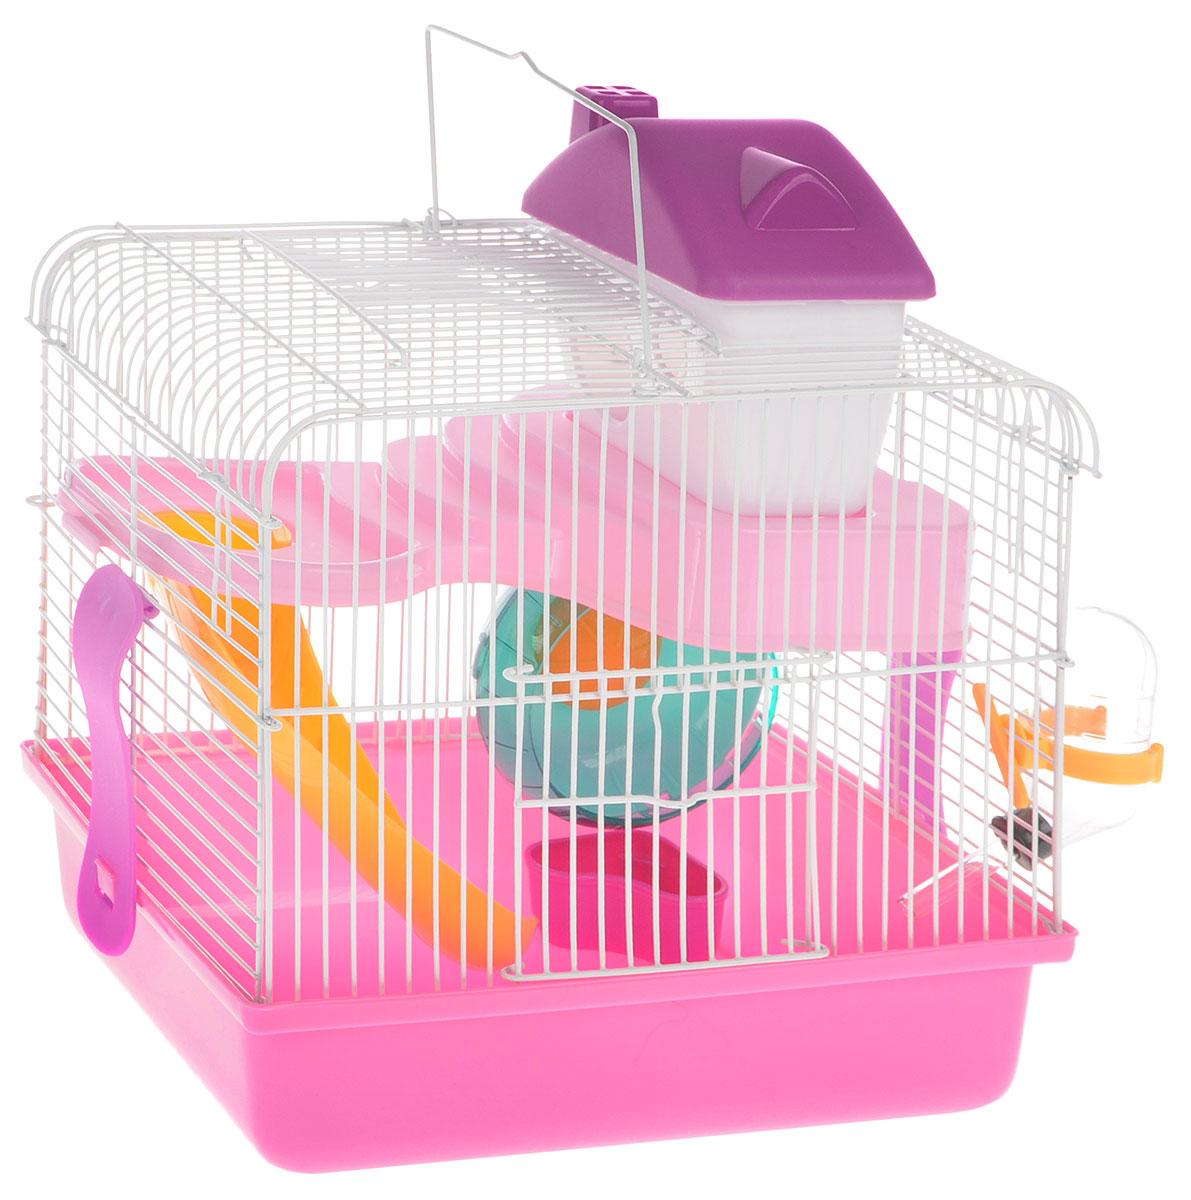 Клетка для грызунов Каскад, с оборудованием, 26 х 20 х 30 см55001609/розовыйКлетка Каскад, выполненная из пластика и окрашенного металла, прекрасно подходит для мелких грызунов. Изделие двухэтажное, оборудовано поилкой, сенником, пластиковым домиком и миской. Клетка имеет яркий поддон, удобна в использовании и легко чистится. Сверху имеется ручка для переноски, а сбоку удобная дверца. Такая клетка станет уединенным личным пространством и уютным домиком для маленького грызуна.